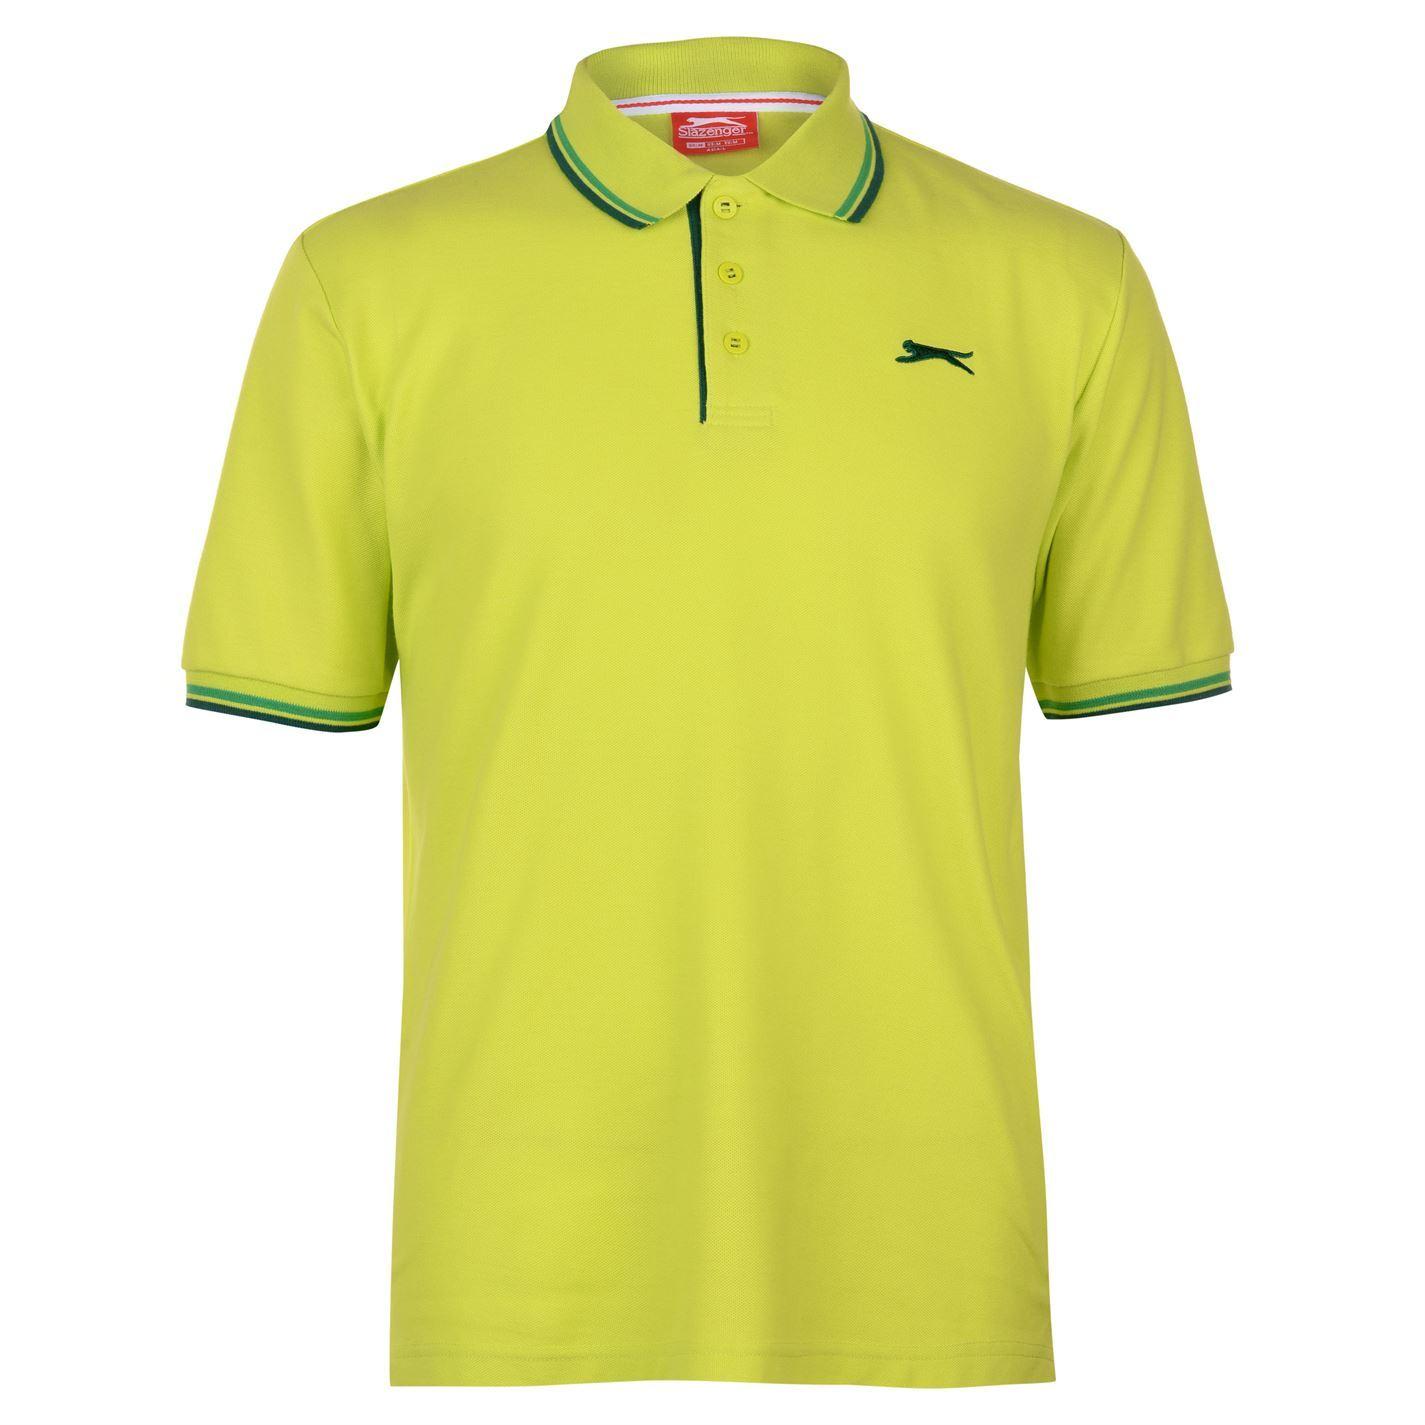 Slazenger-Polo-Camisa-de-hombre-con-cuello-con-Punta-T-Shirt-Top-Camiseta-Tee miniatura 47